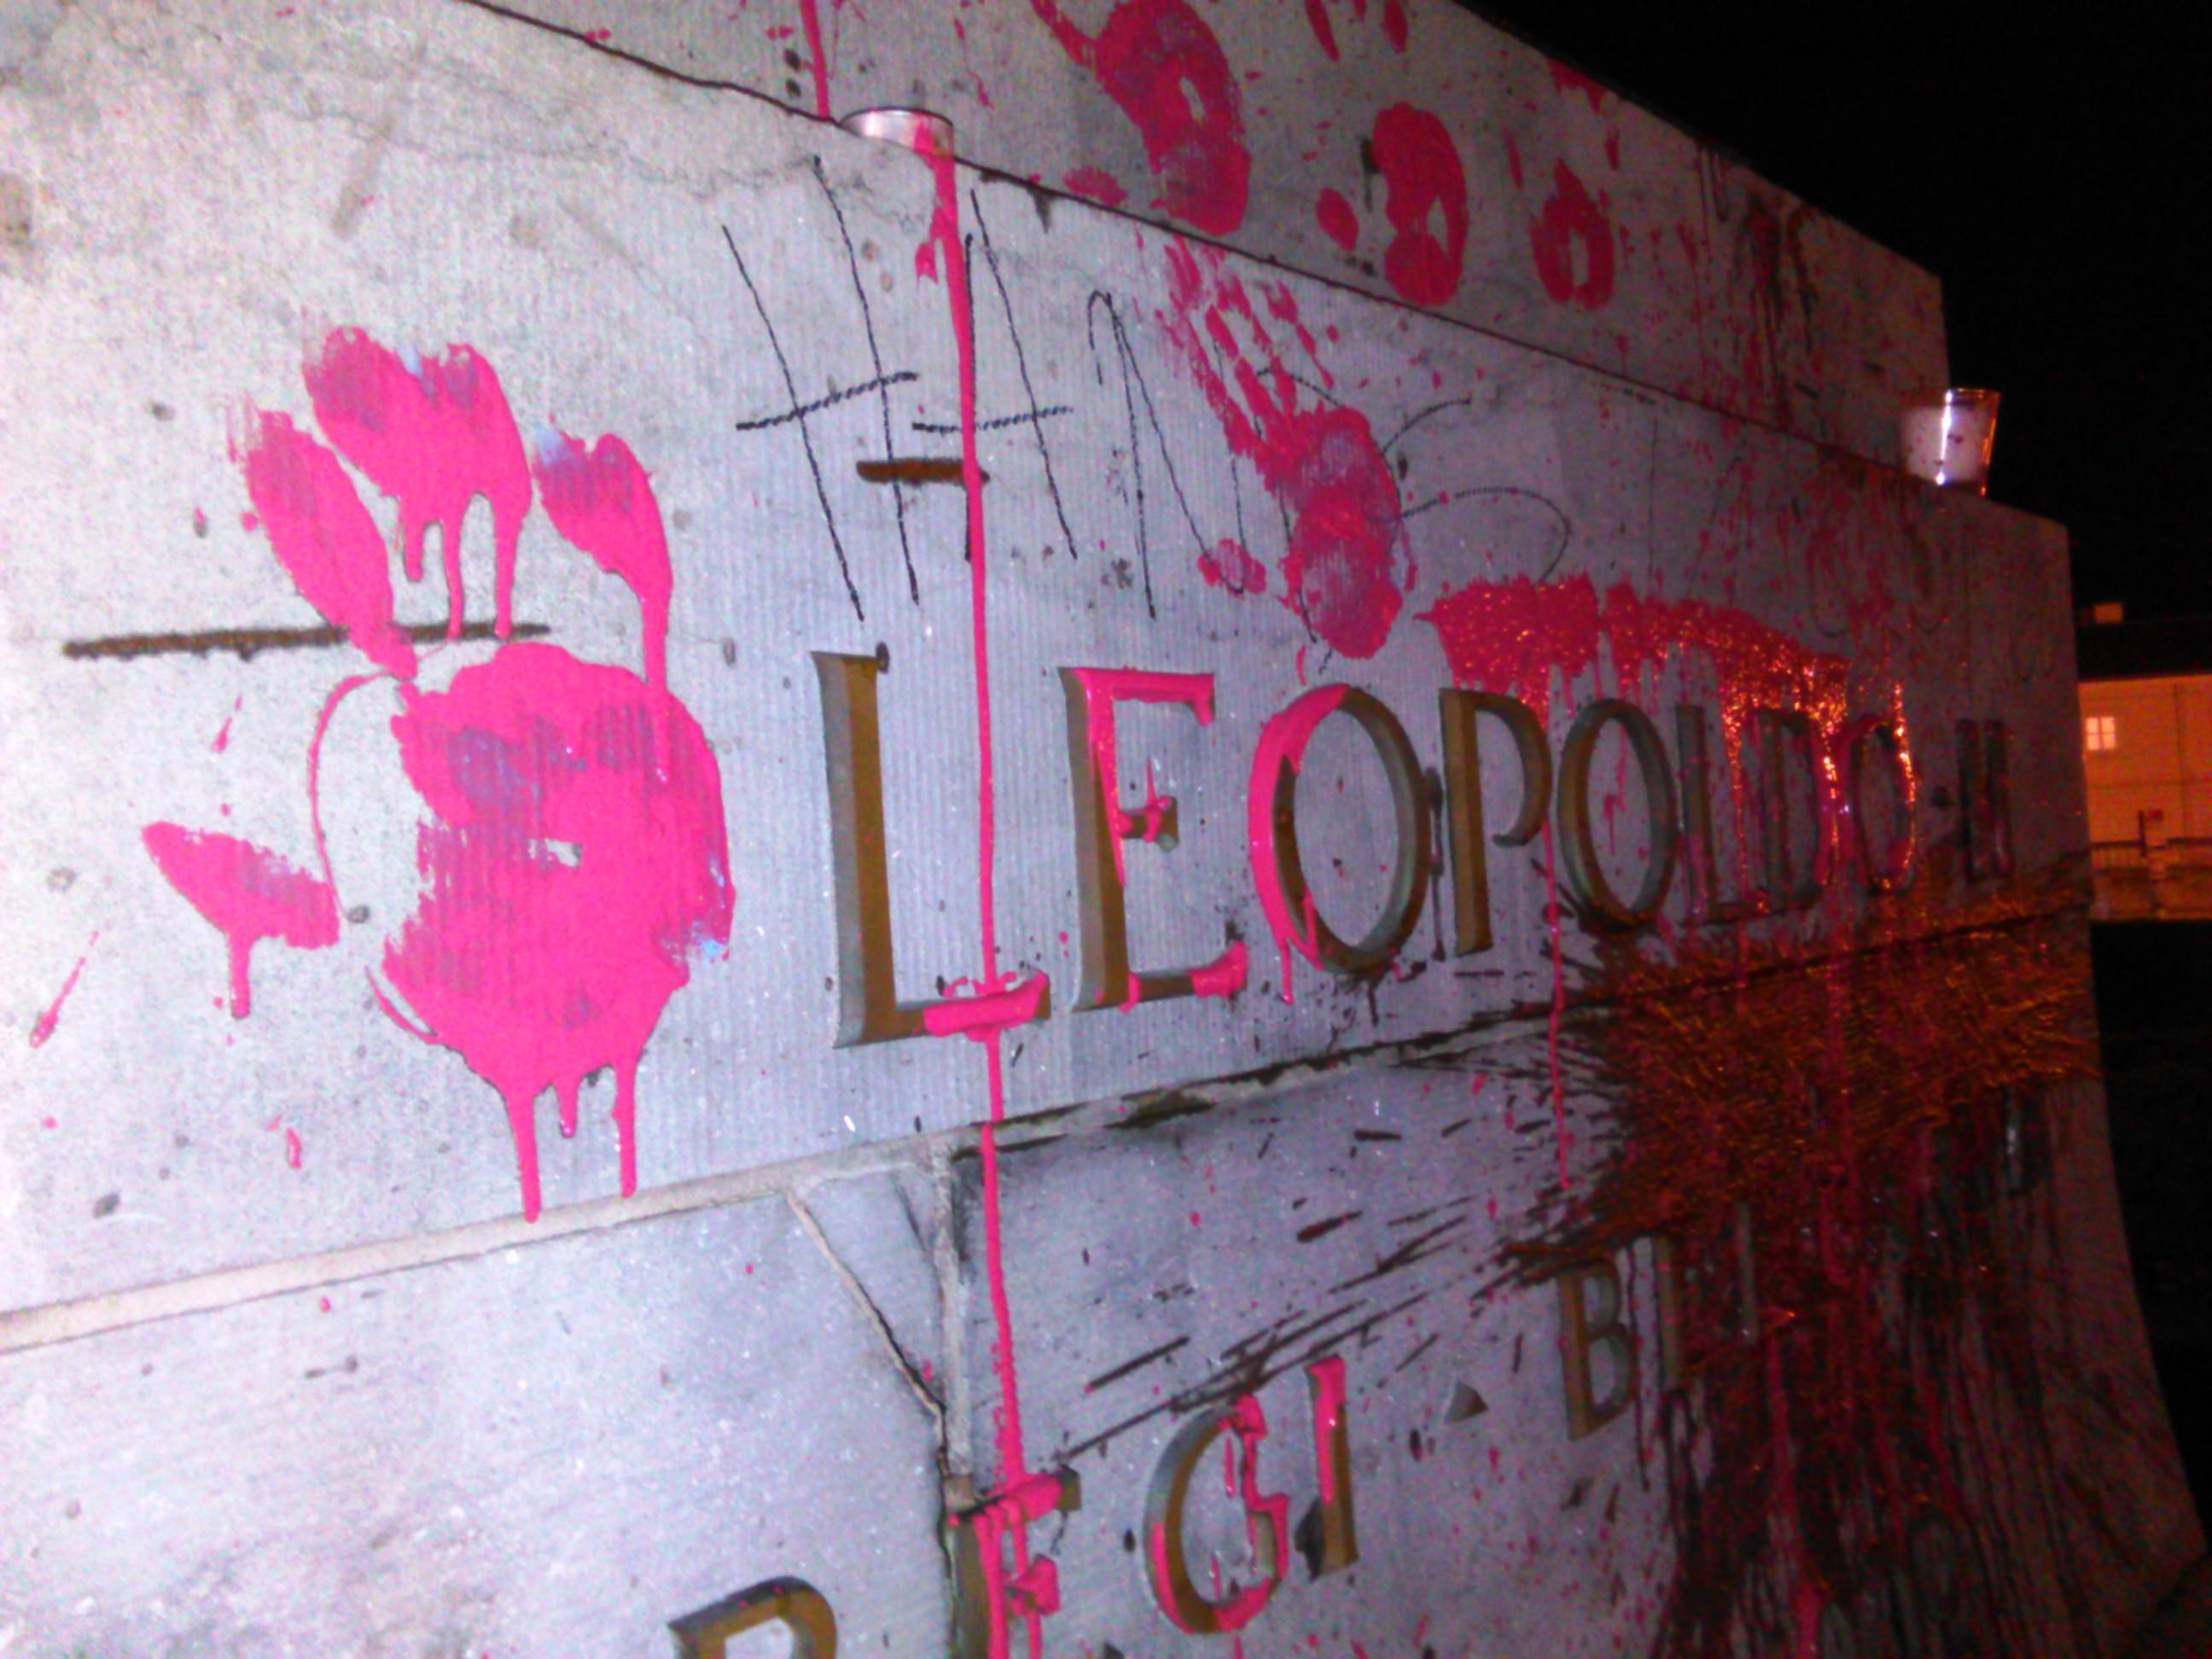 Le procès du système esclavagiste de Léopold II aura bien lieu